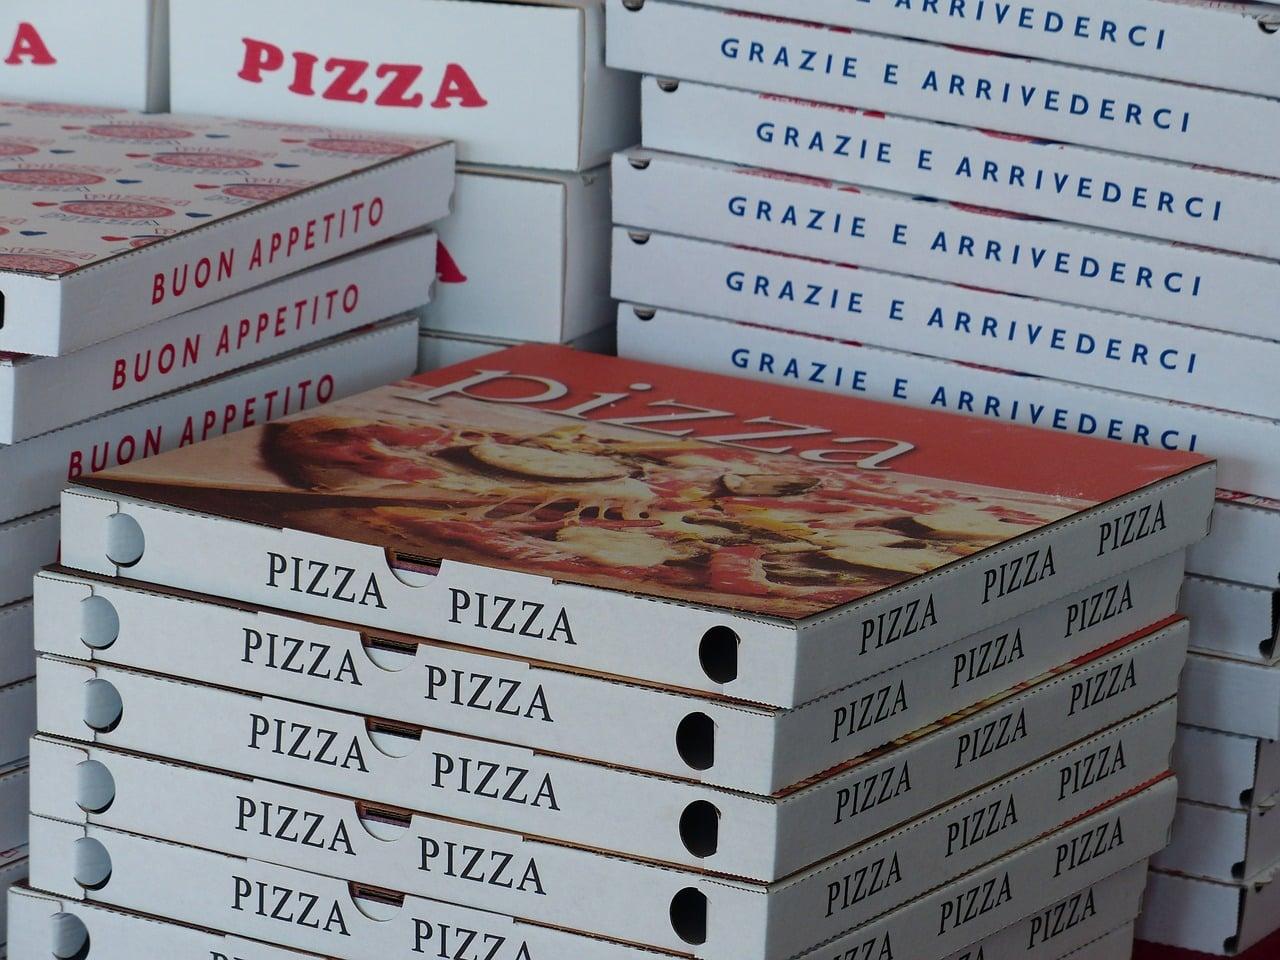 Livraison de pizza avec uber eats